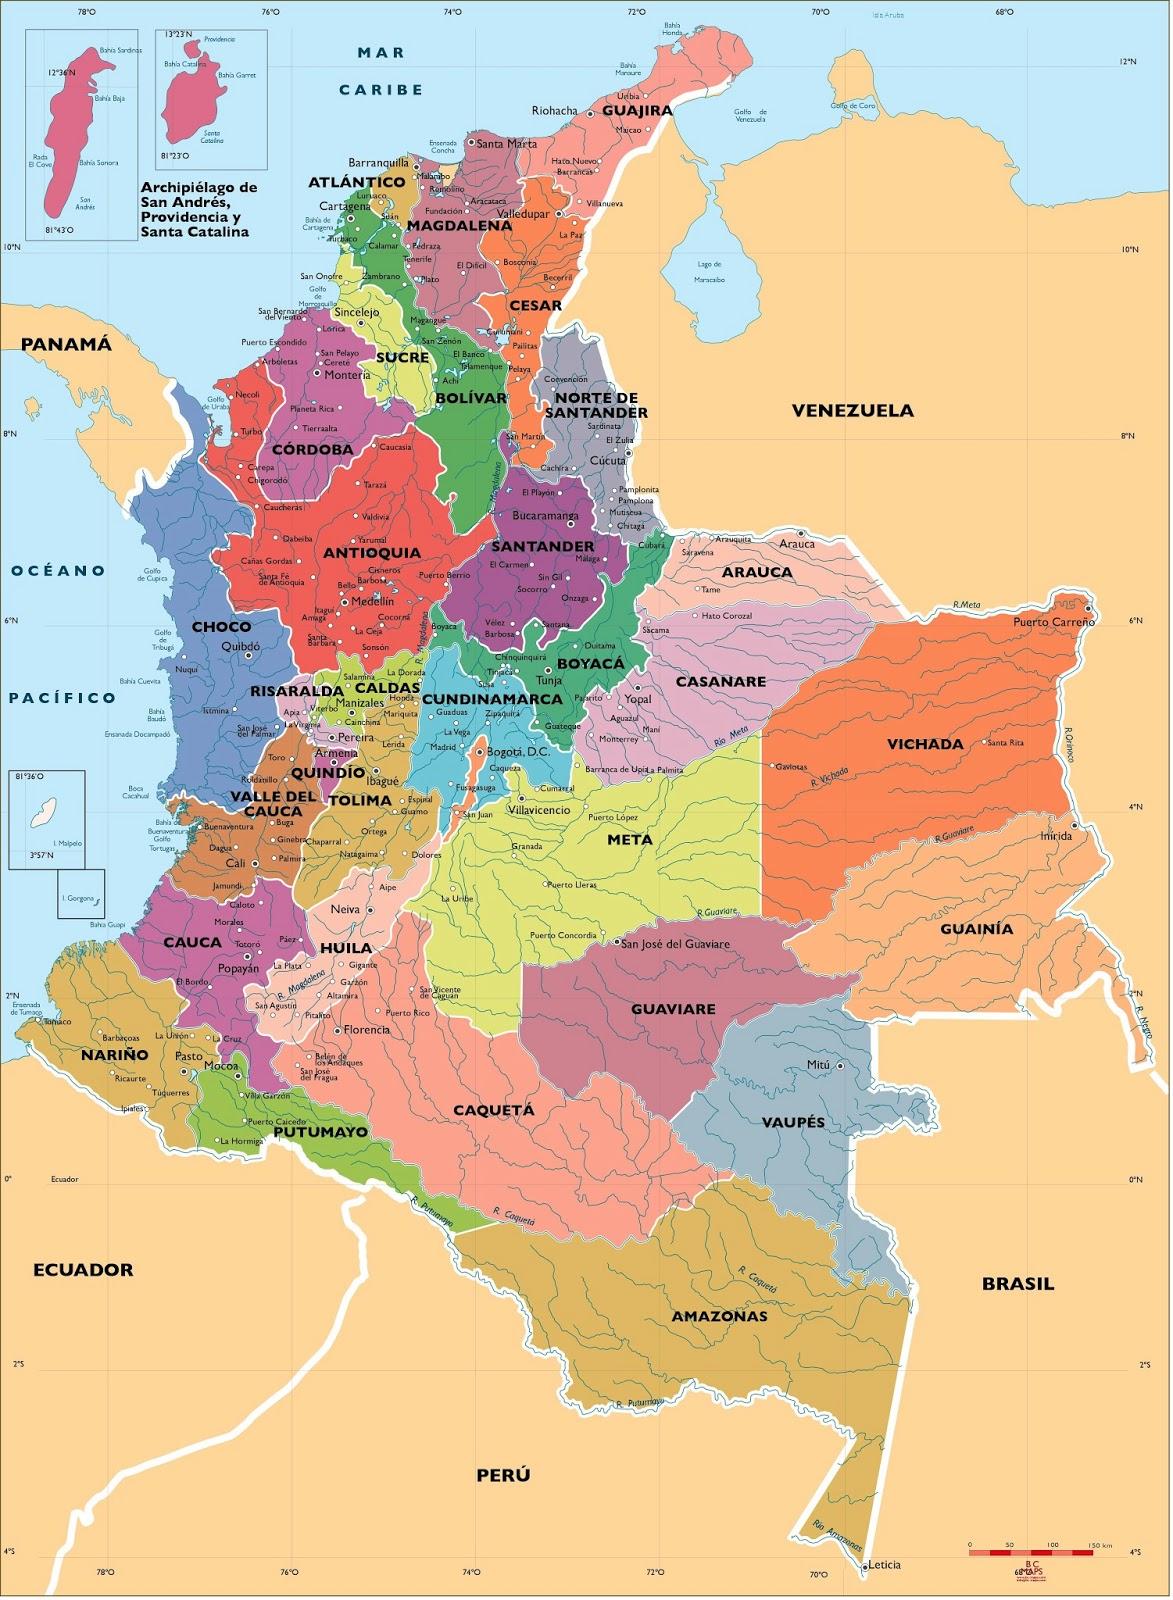 mapas de texas with Mapa De Colombia Y Sus Ciudades on Guia Turistica De Paris in addition Fotografia De Stock Estado De Florida Image9419802 moreover Alabama besides Mapa De Colombia Y Sus Ciudades furthermore Mediofisico.